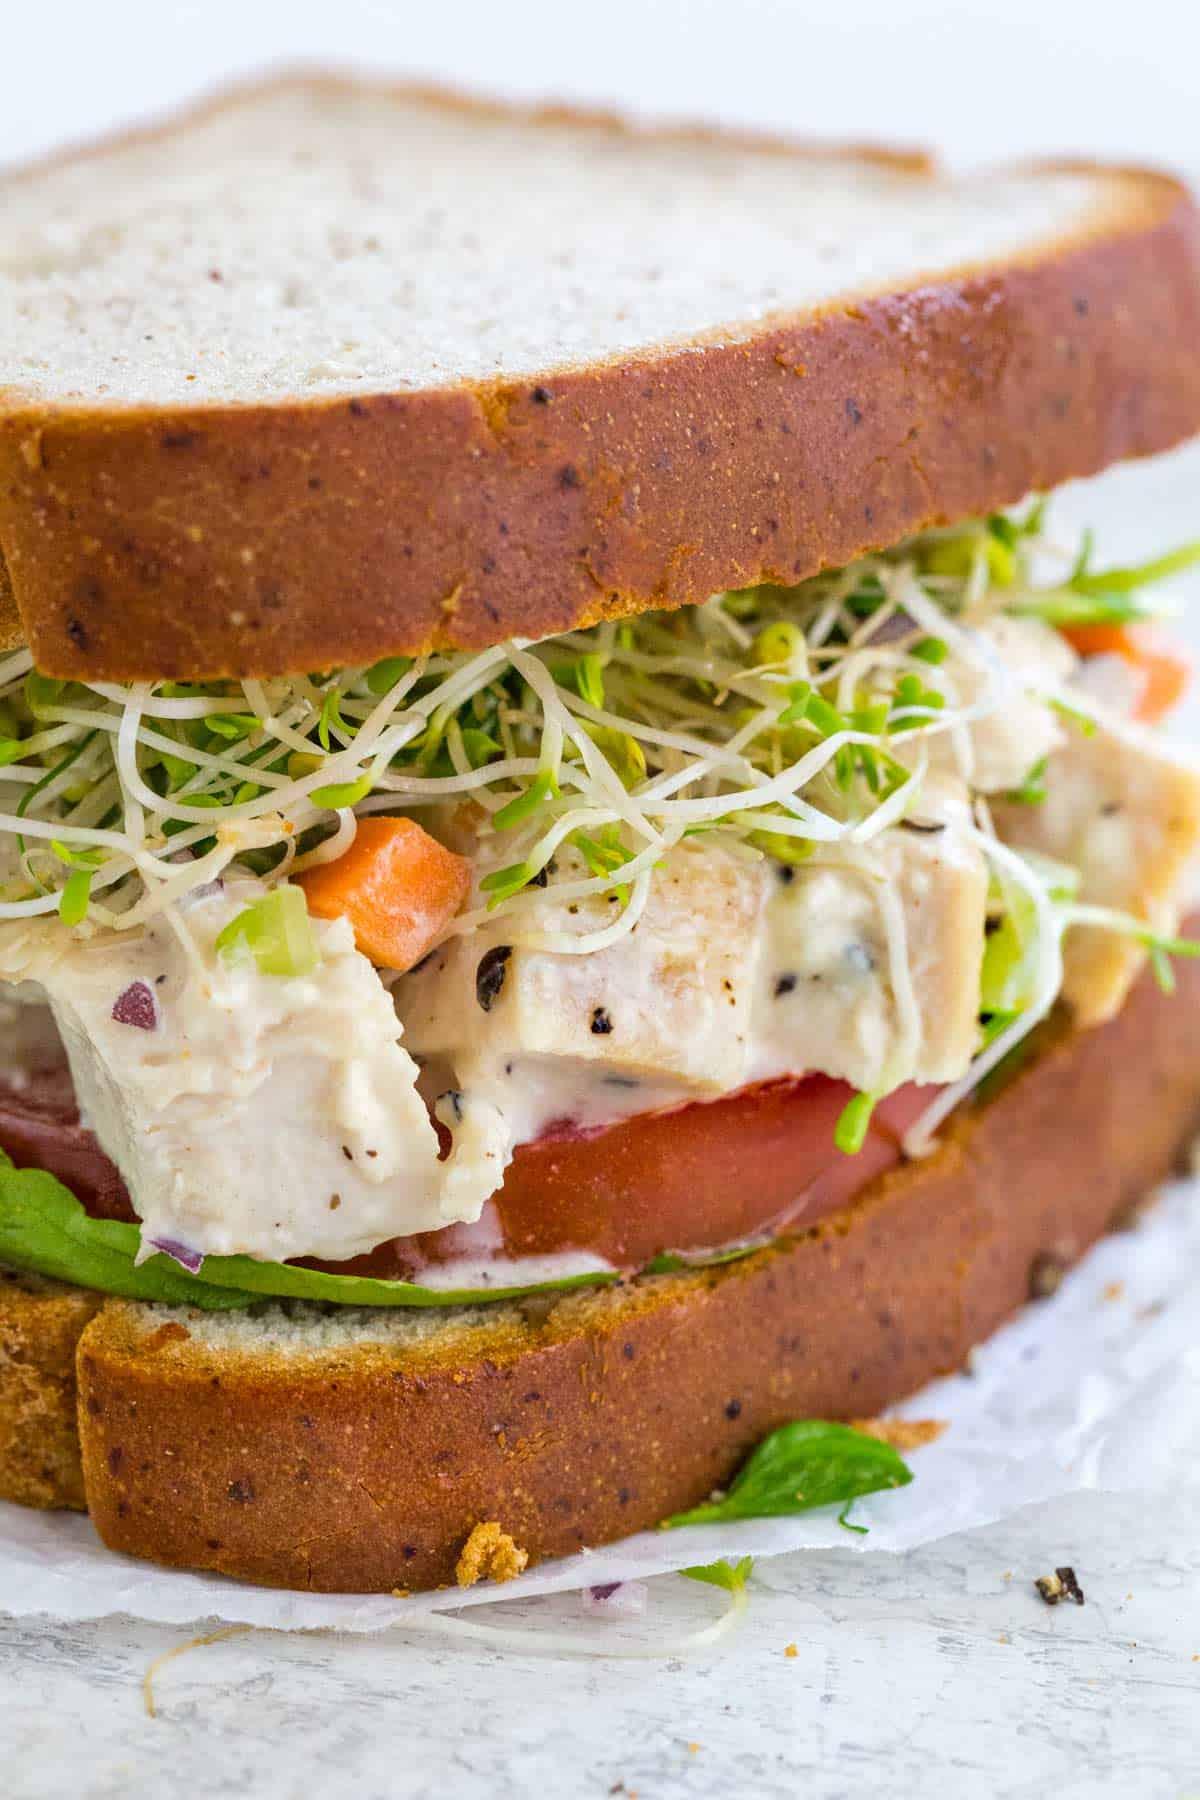 how to make chicken salad sandwich with rotisserie chicken